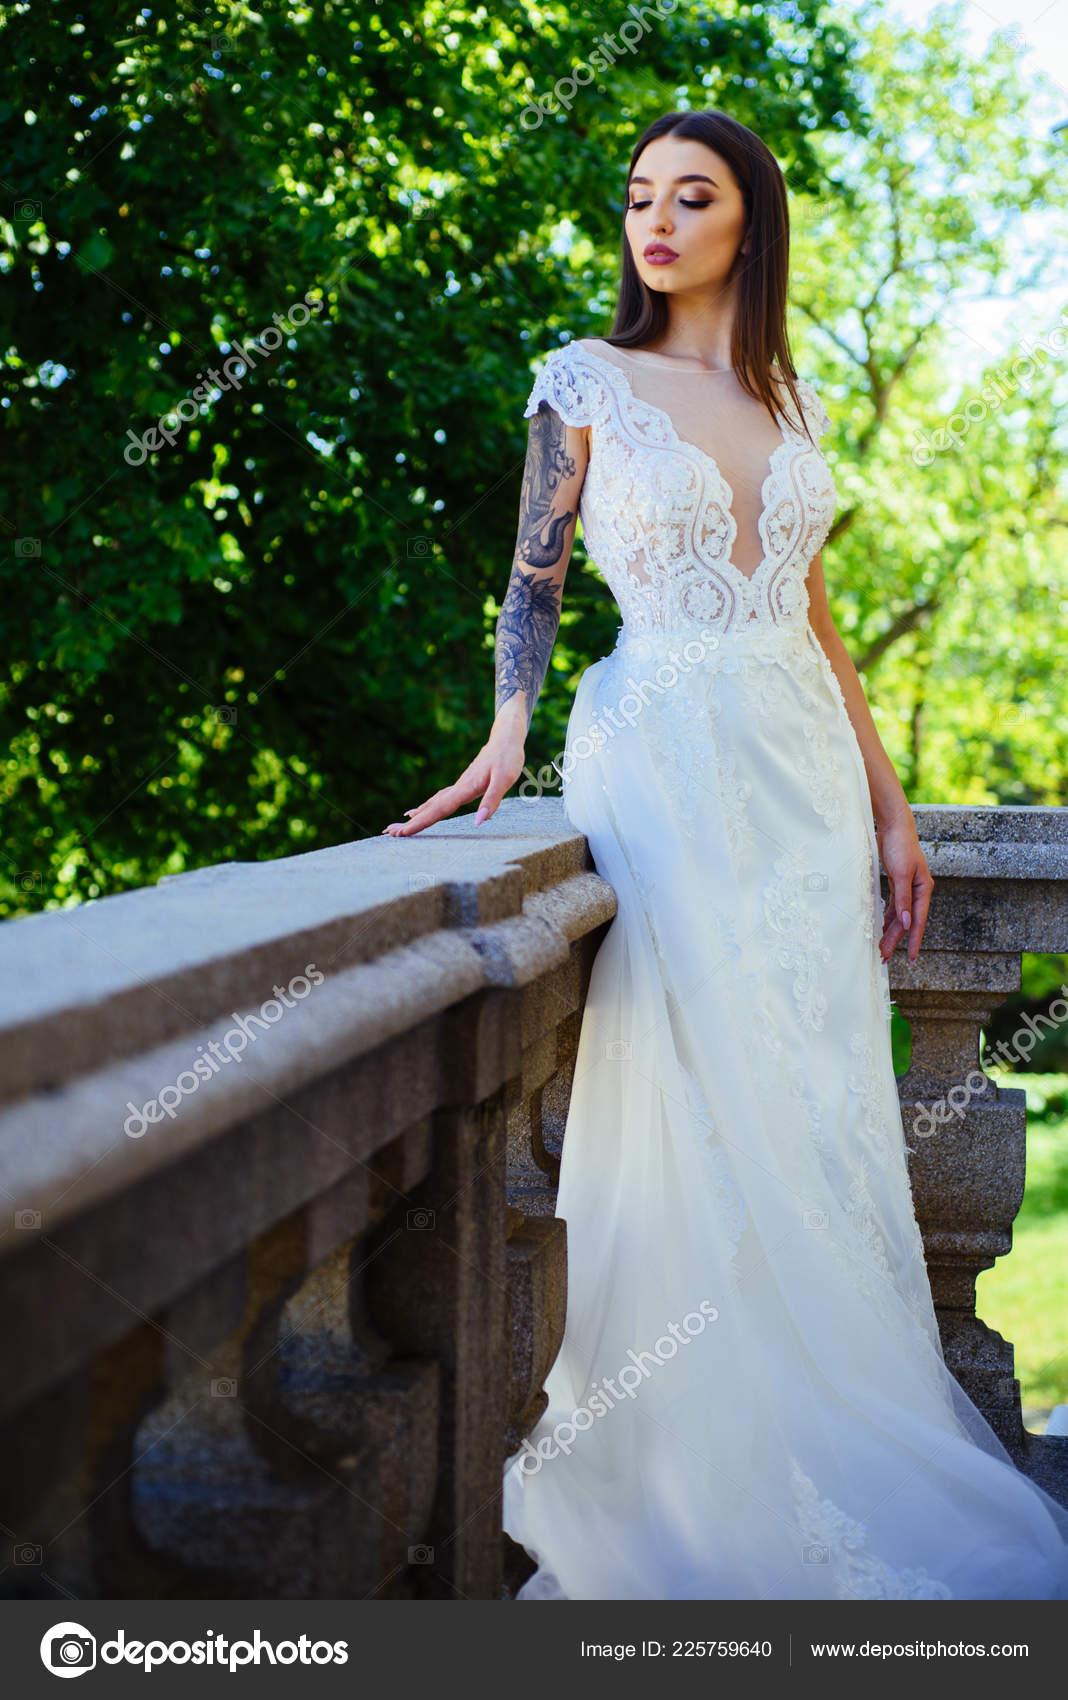 3de5bbef15 Vestidos de boda hermosa en boutique. Maravilloso vestido de novia. mujer  se está preparando para la boda. Salon de boda elegante está esperando a la  novia.